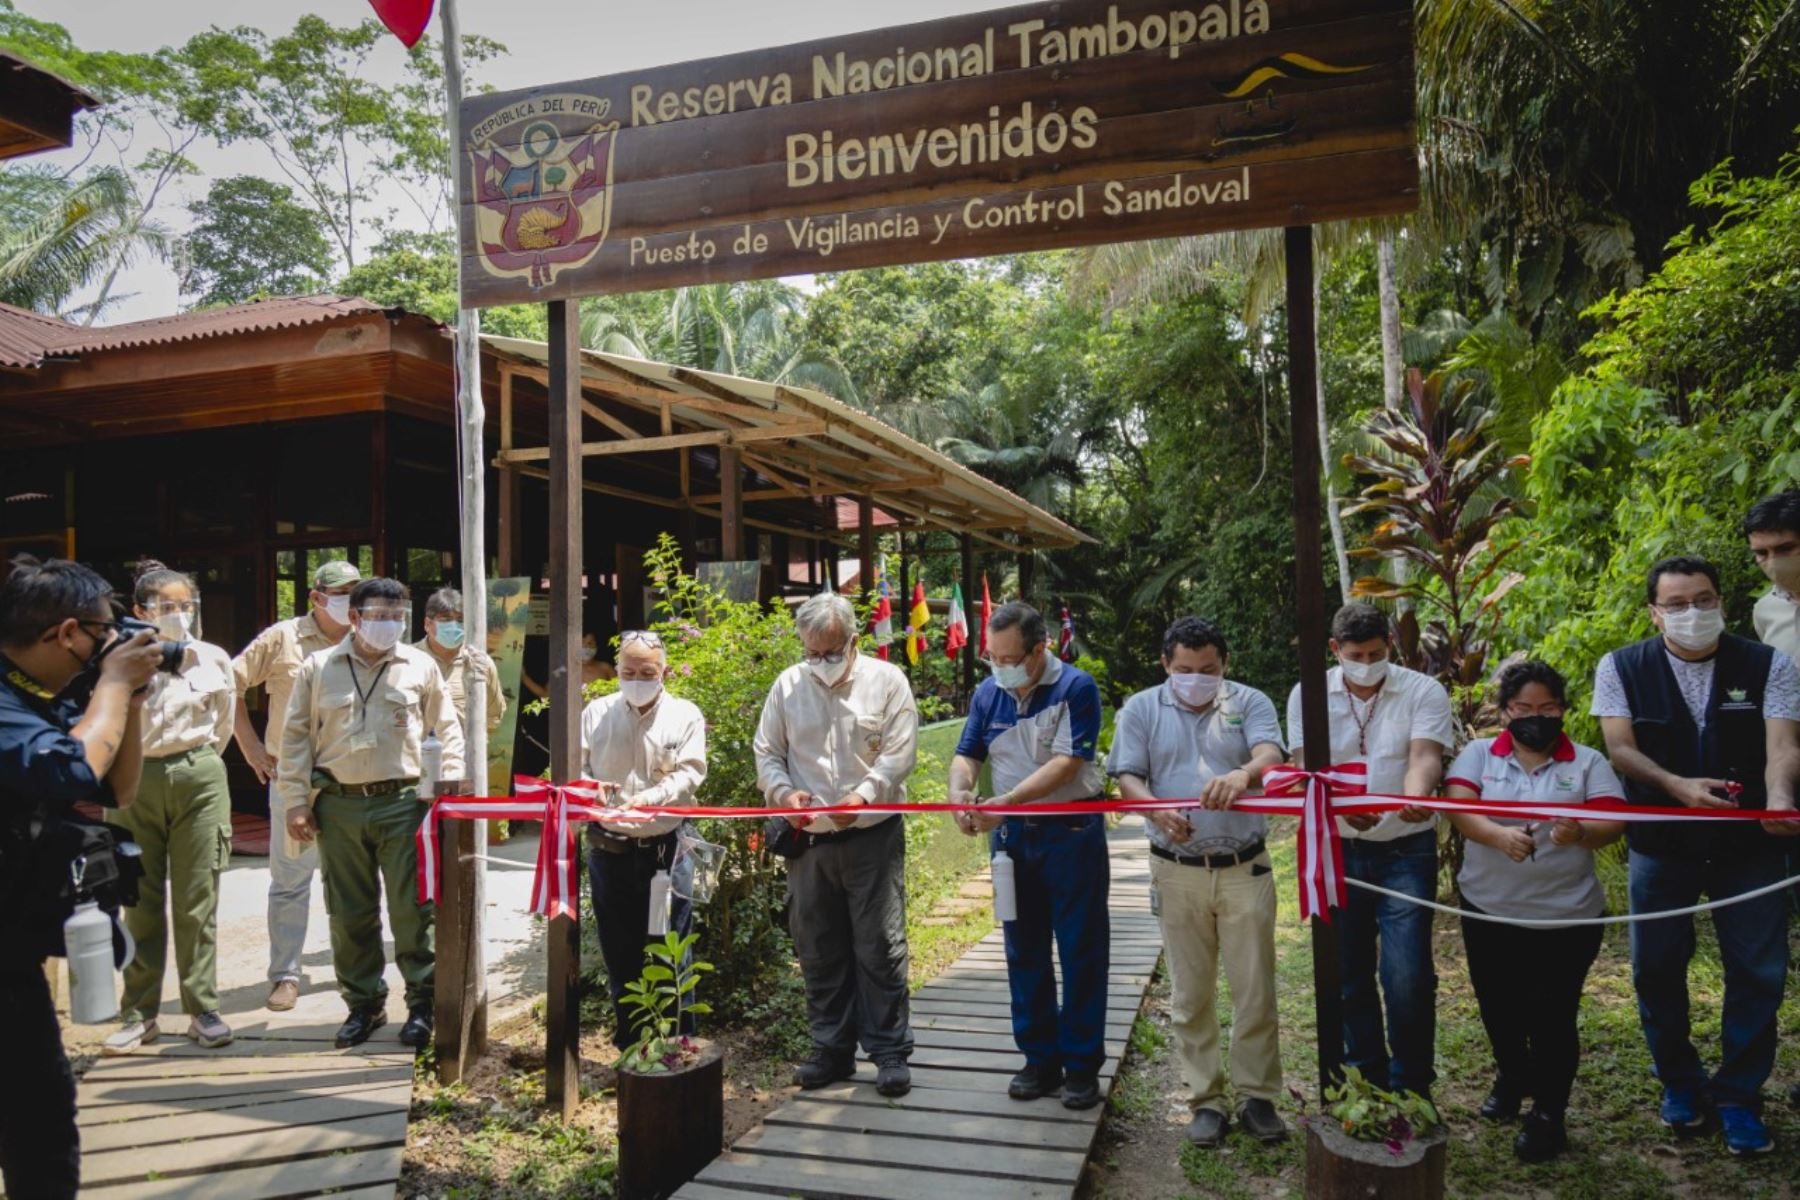 Luego de culminadas exitosamente las labores de implementación de las medidas de bioseguridad que permitirán garantizar la salud de los visitantes, operadores turísticos y personal que labora en esta área natural protegida. Foto: SERNANP